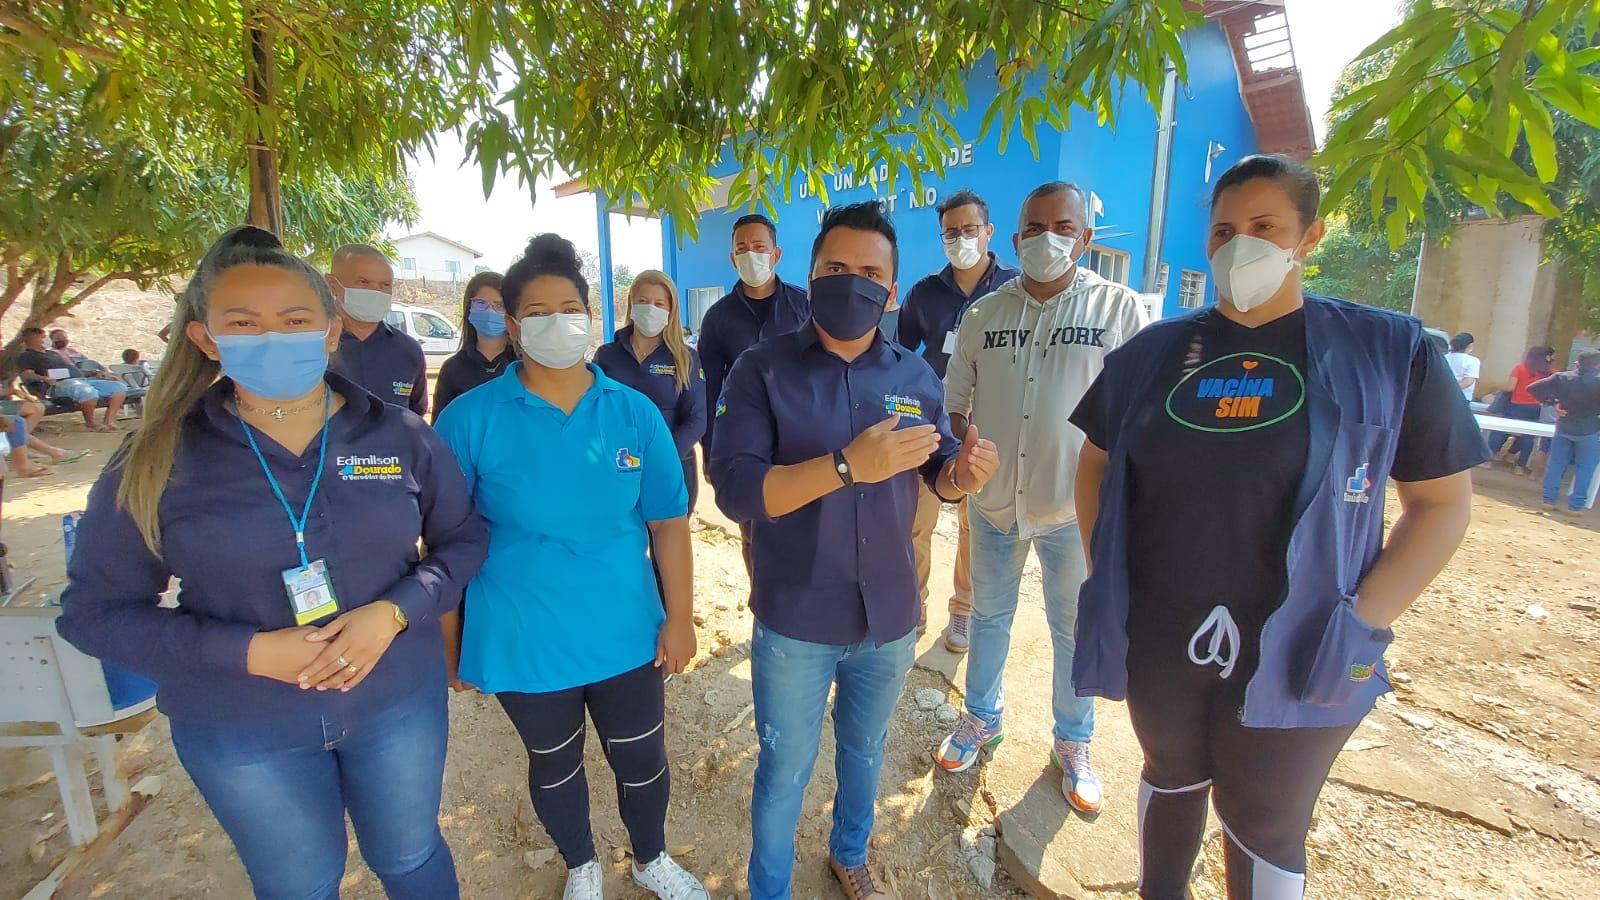 EXTRA MURO – Vereador Edimilson Dourado e equipe realizam ação social na Vila Nota de Teotônio